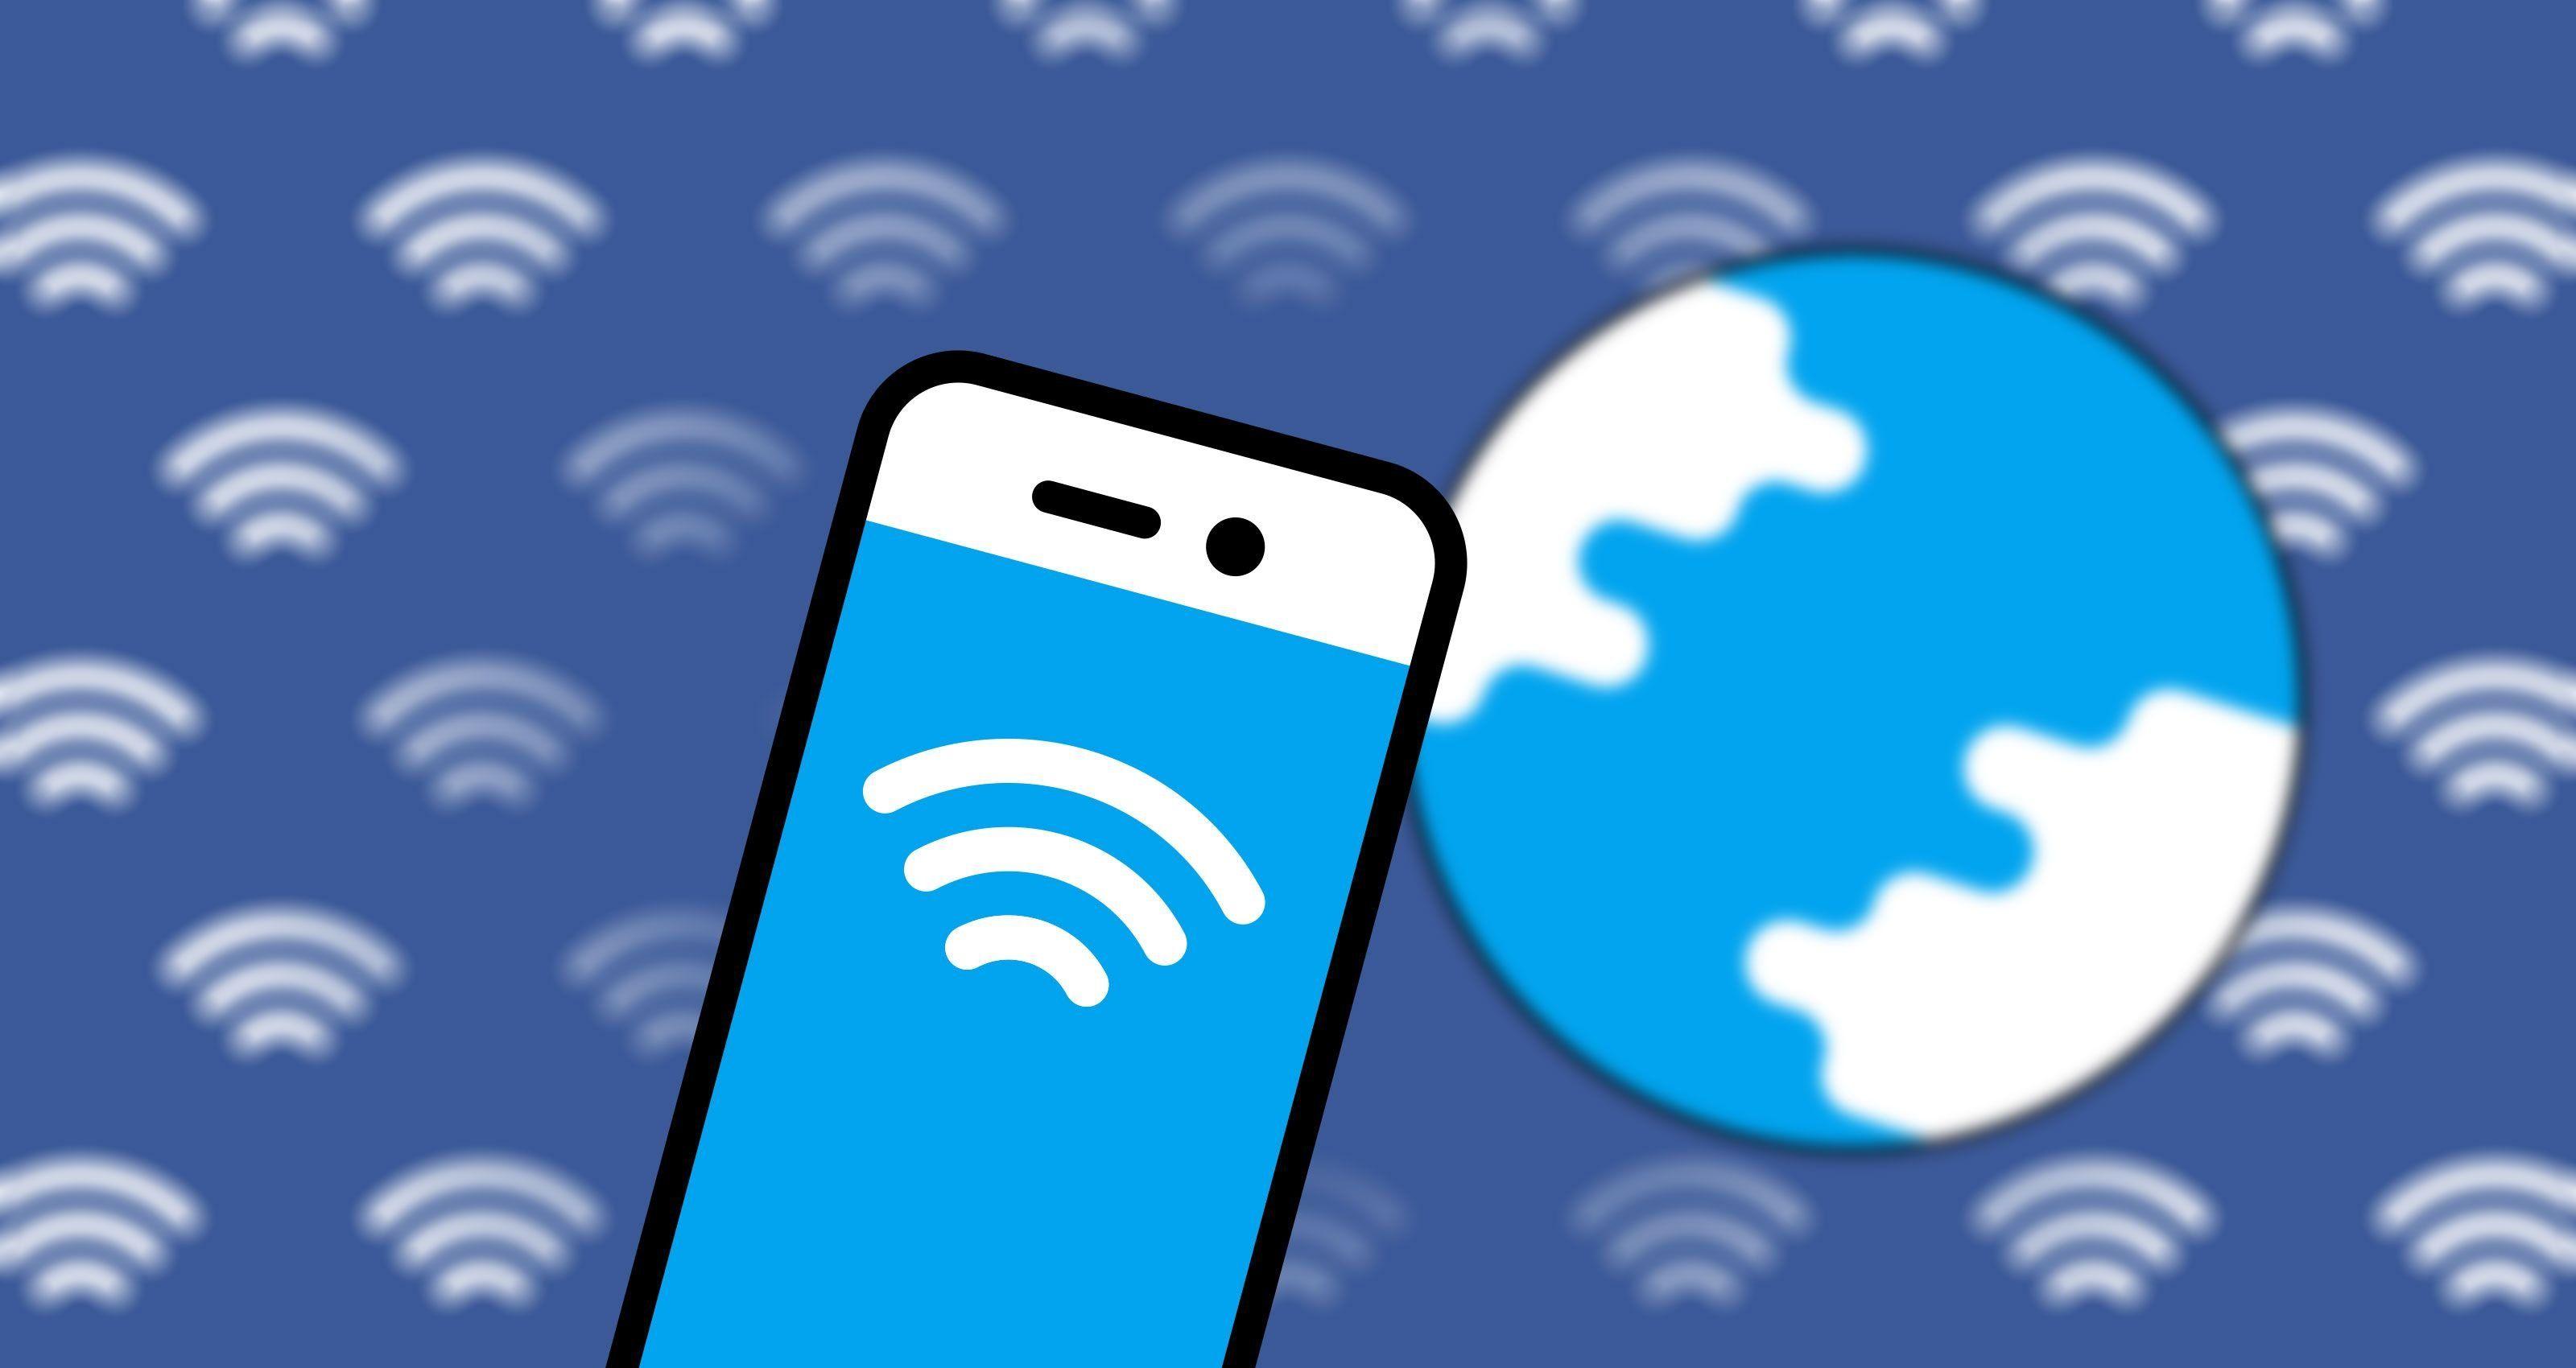 Лучшие Wi-Fi роутеры для квартиры и дома в 2019 году